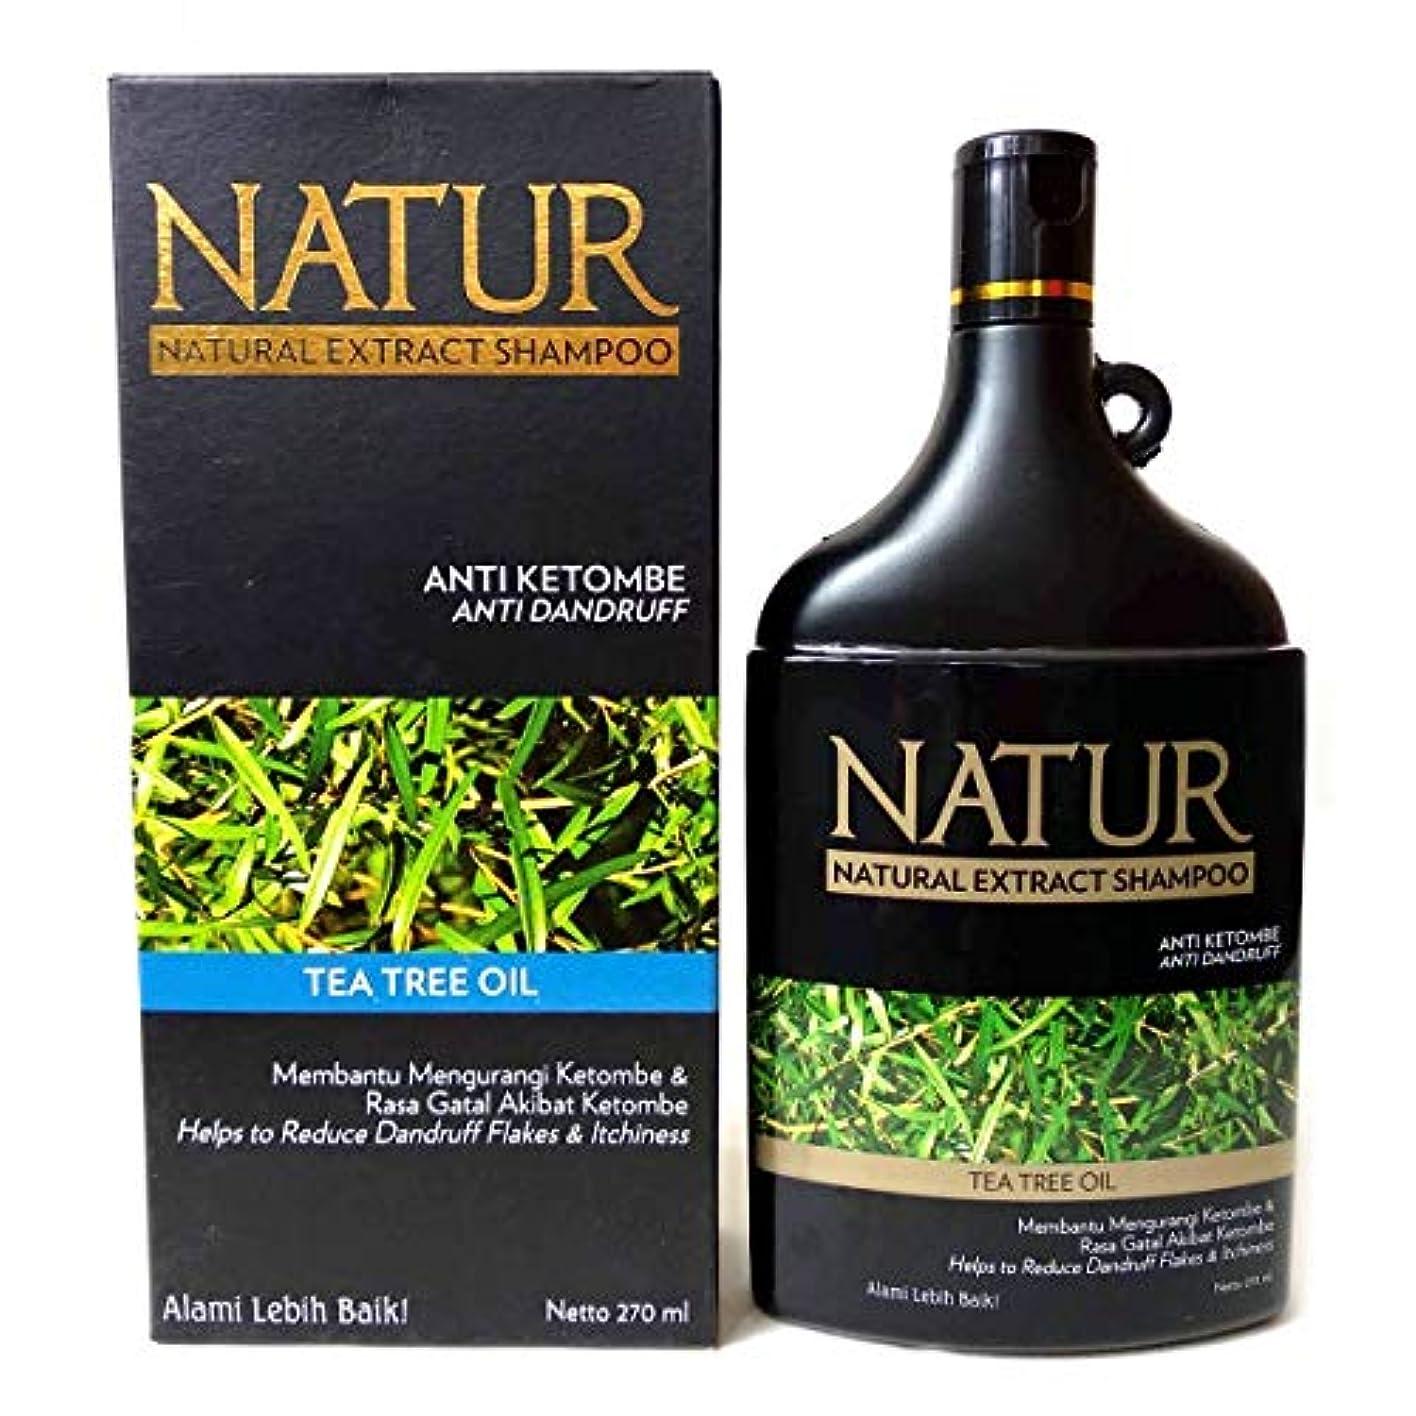 二層調和このNATUR ナトゥール 天然植物エキス配合 ハーバルシャンプー 270ml Tea tree oil ティートゥリーオイル [海外直商品]